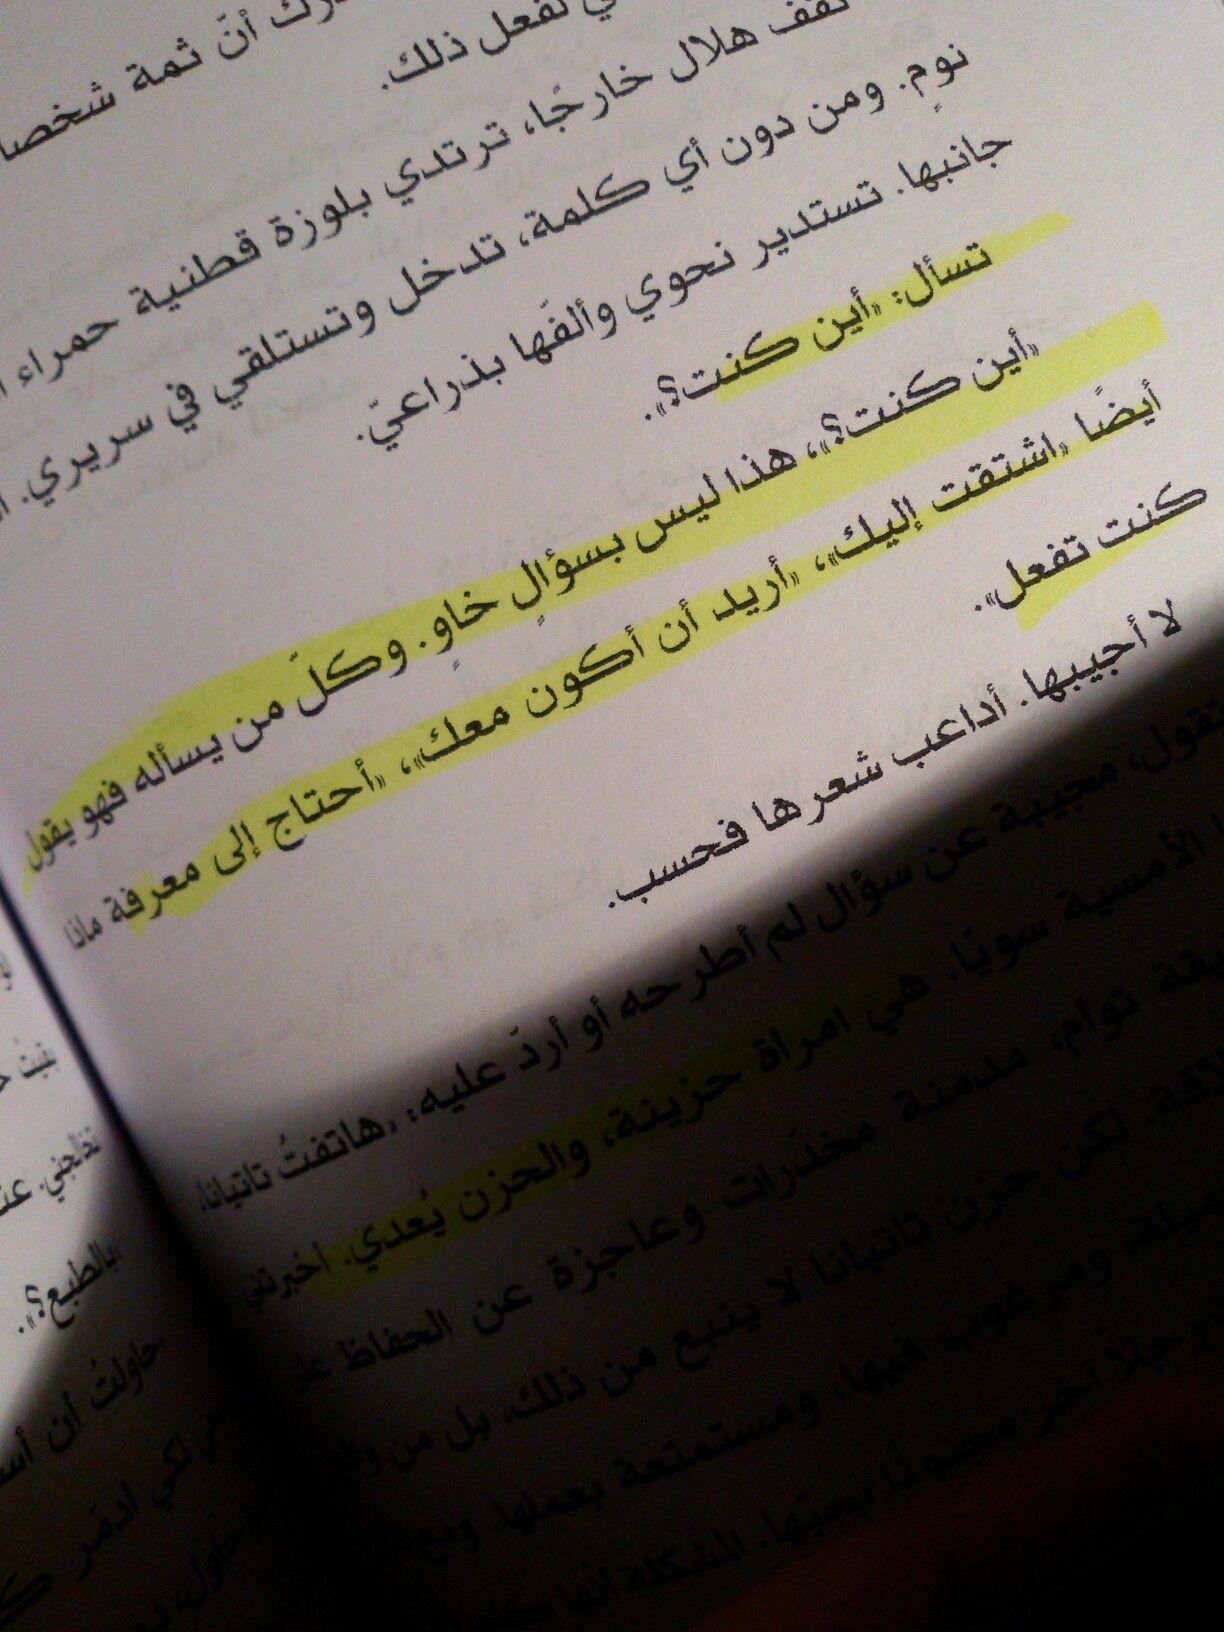 باولو كويلو ألف Book Quotes Quotes Books